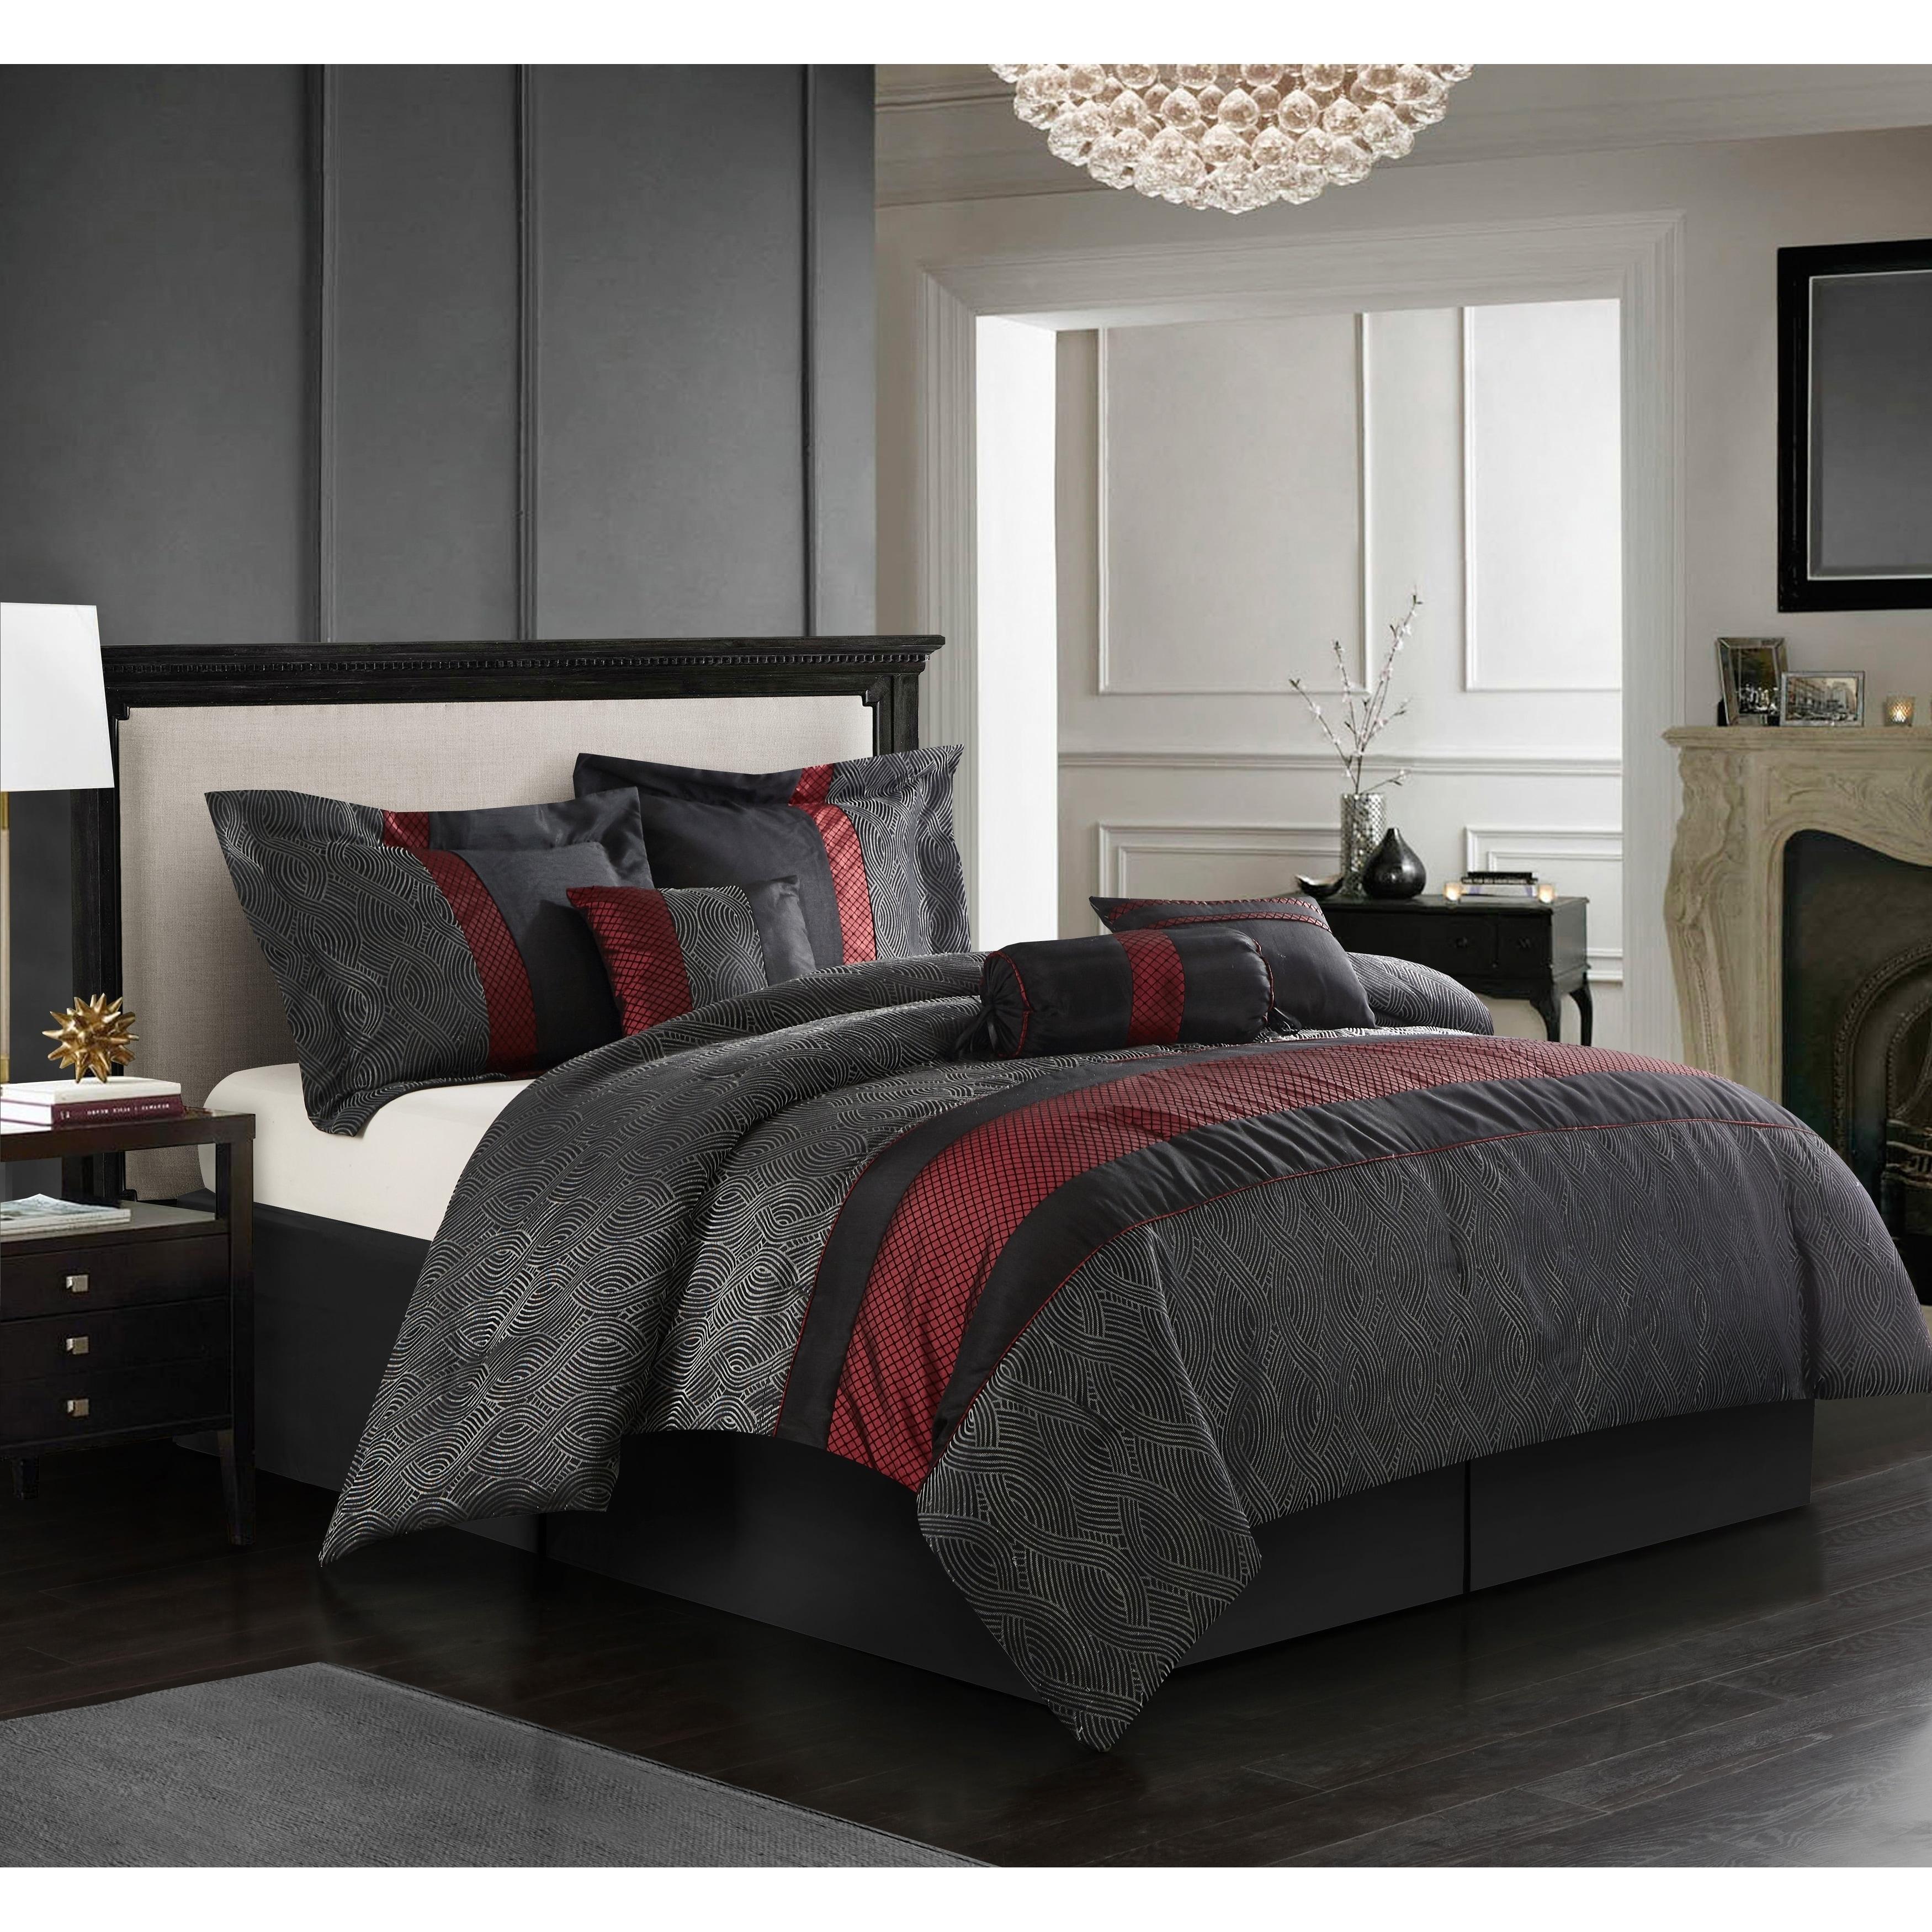 Nanshing Corell Red/Black 7-piece Comforter Set (Californ...